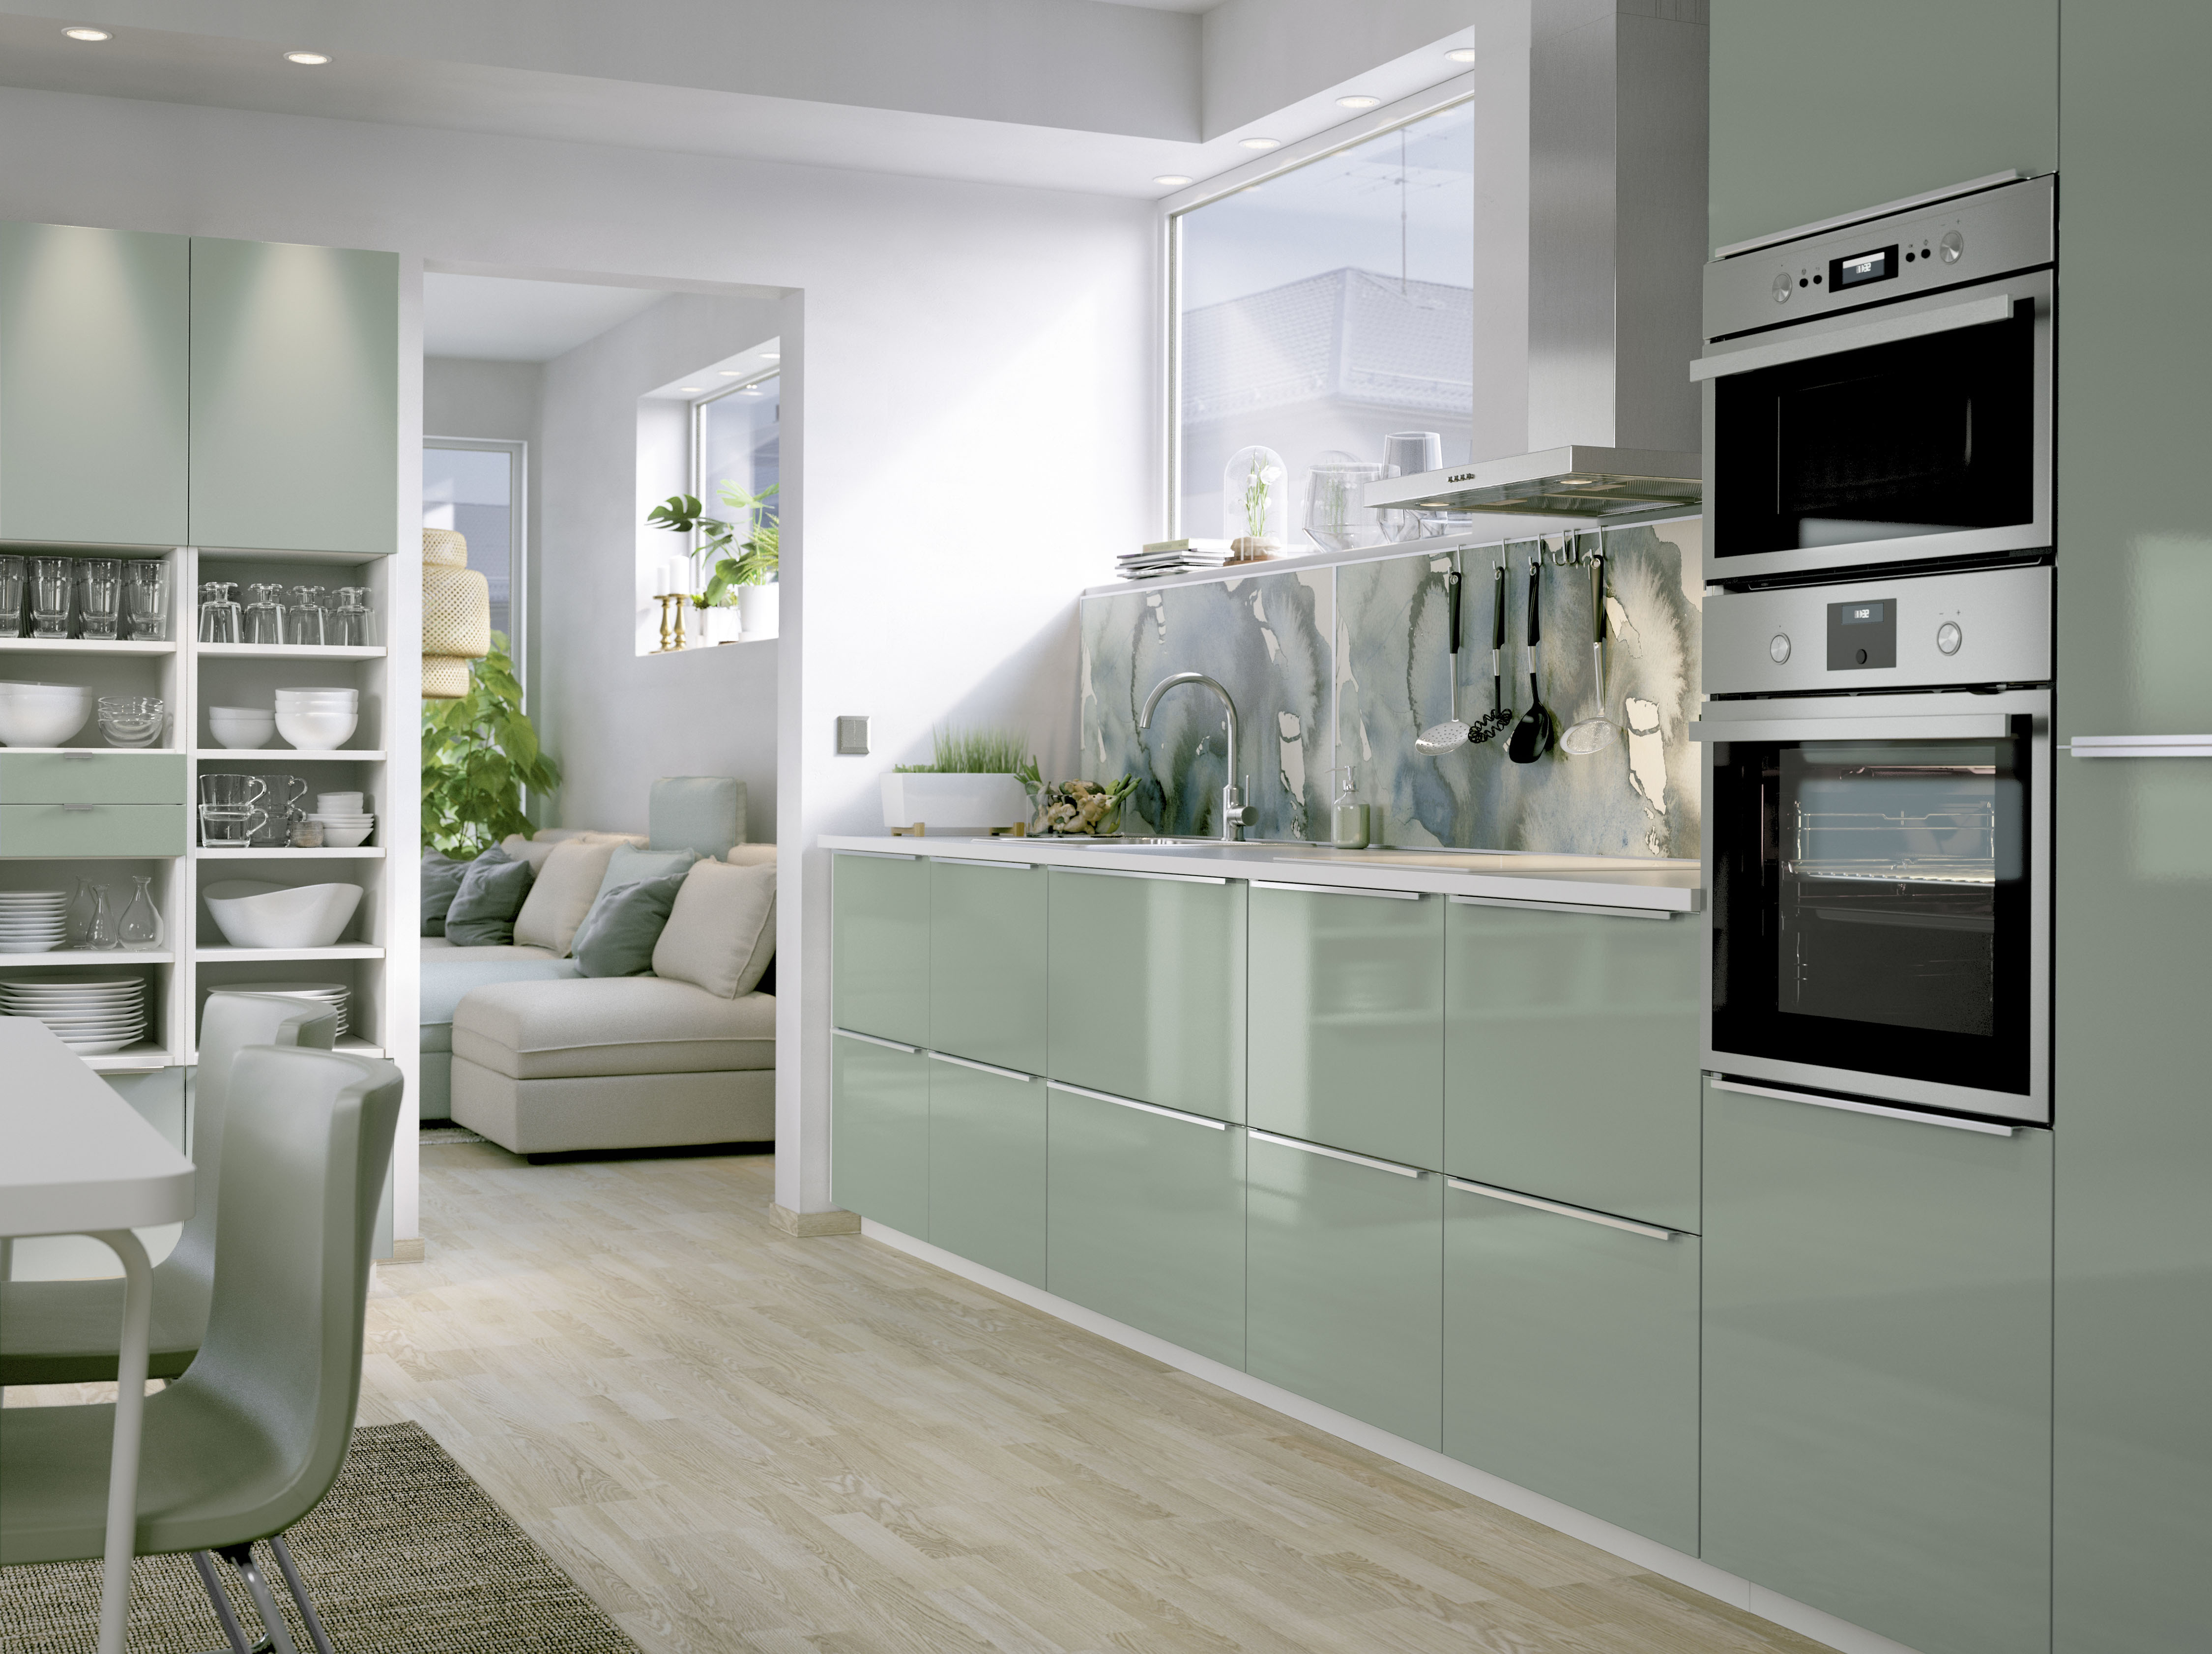 Lichtgrijze Keuken Ikea : Lichtgrijze keuken ikea. Grijze keuken ikea.